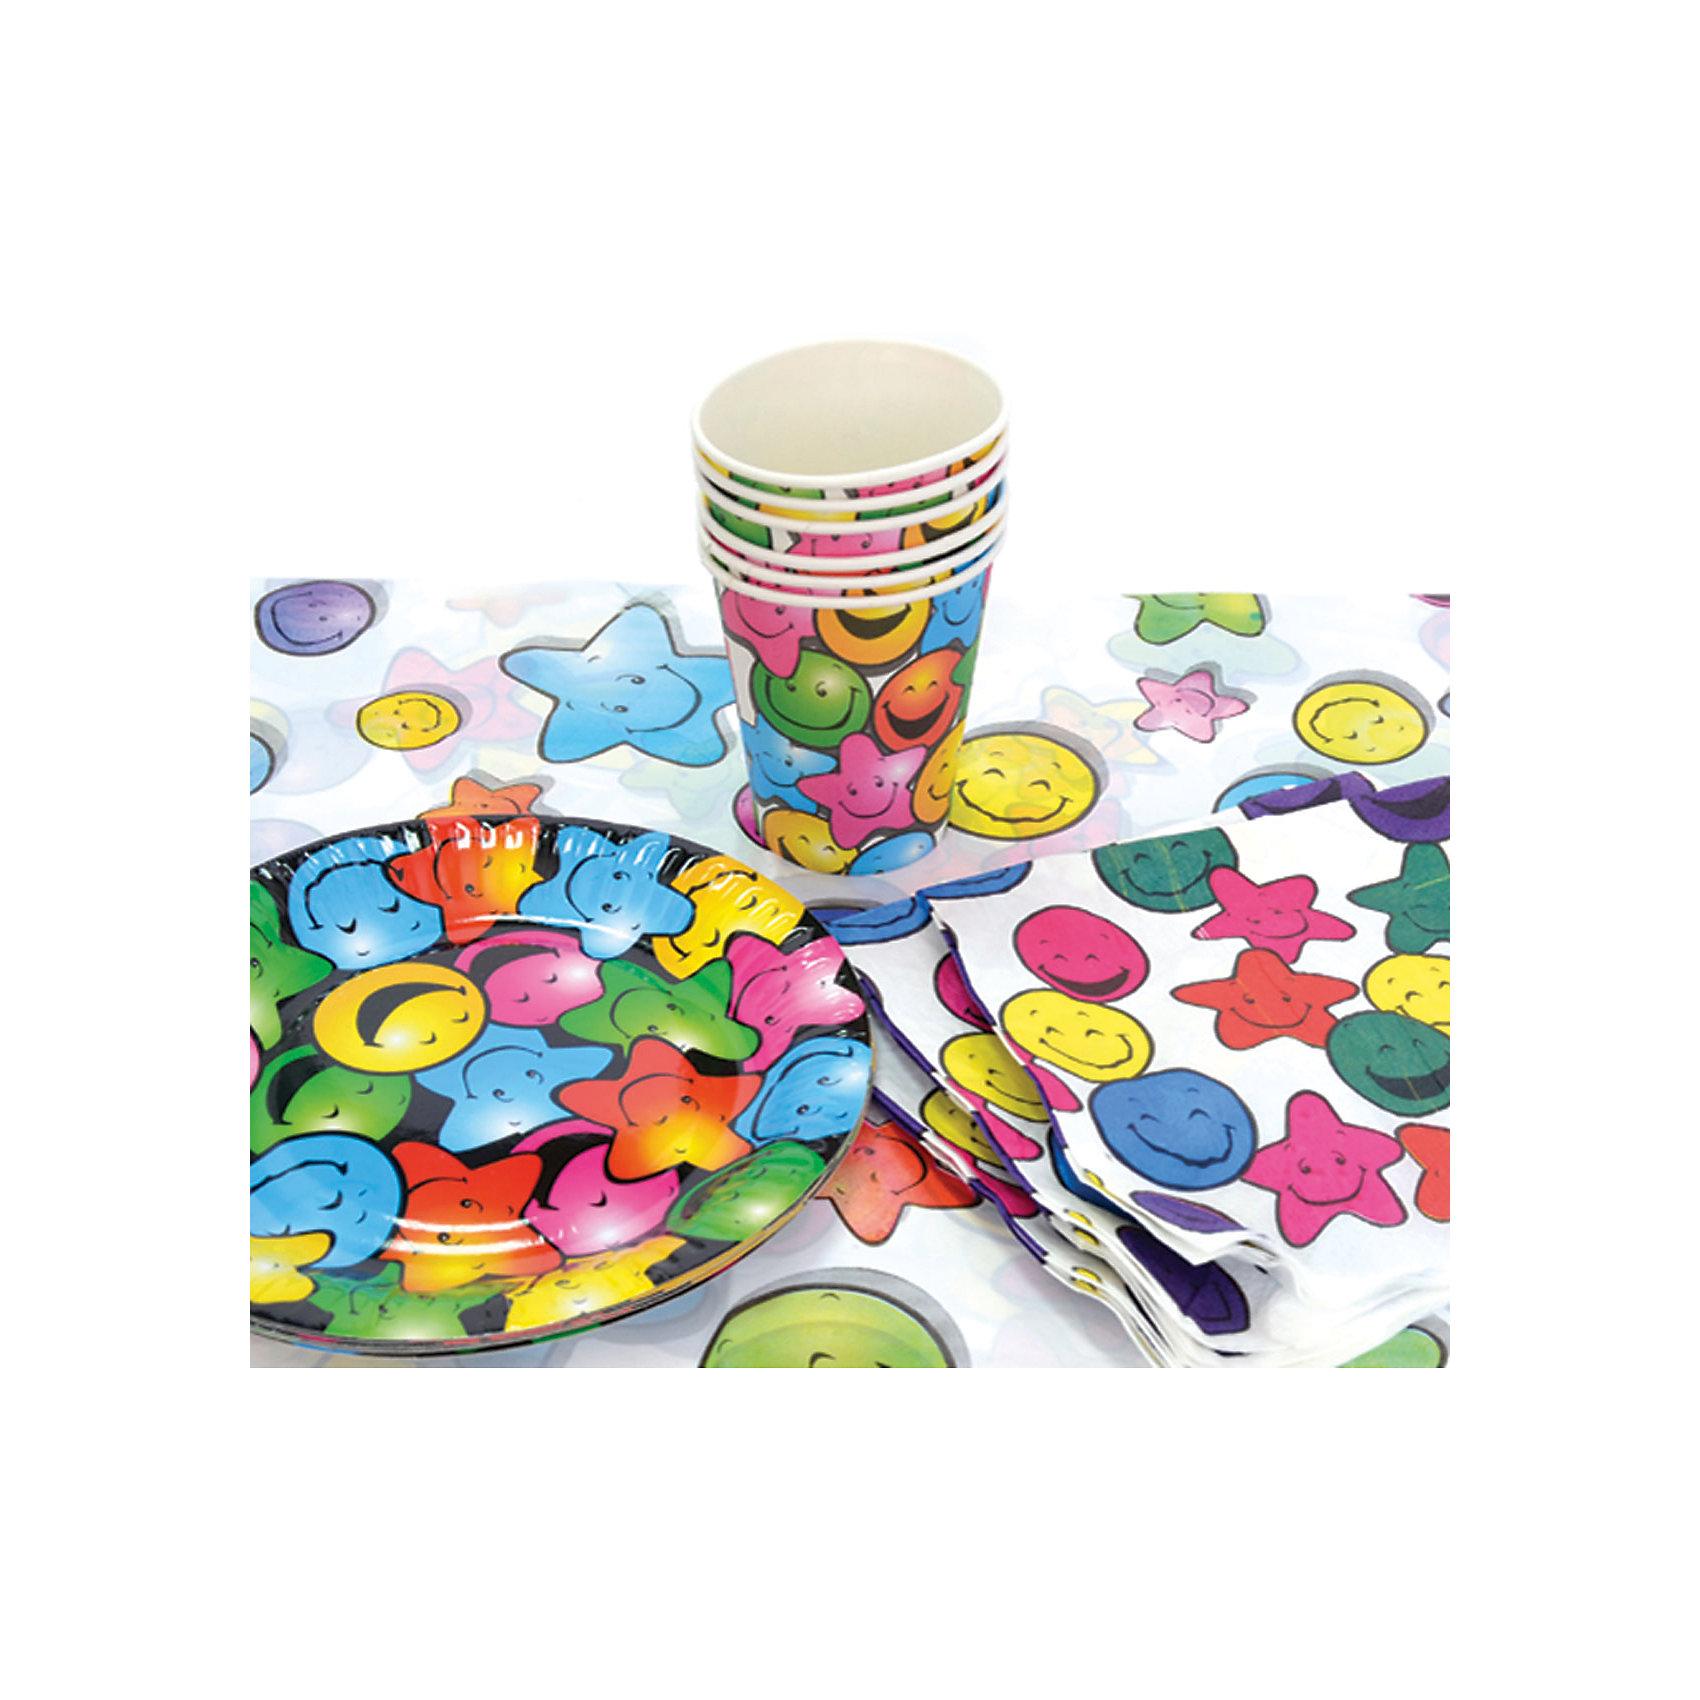 Набор для праздника Смайлик, 130см*180 смВсё для праздника<br>Характеристики:<br><br>• возраст: от 3 лет<br>• в наборе: 6 тарелок, 6 стаканов, 6 салфеток, скатерть<br>• диаметр тарелок: 22 см.<br>• объем стаканов: 250 мл.<br>• размер скатерти: 130х80 см.<br>• материал: полимерный материал, бумага, картон<br><br>Набор для праздника «Смайлик» на 6 персон включает все необходимое для сервировки стола к детскому празднику: скатерть из полимерного материала, бумажные салфетки и одноразовую посуду (стаканы и тарелки) из плотного картона. Все предметы украшены яркими веселыми смайликами.<br><br>Предметы набора выполнены из экологичных безопасных материалов.<br><br>Набор для праздника Смайлик, 130см*180 см можно купить в нашем интернет-магазине.<br><br>Ширина мм: 300<br>Глубина мм: 300<br>Высота мм: 100<br>Вес г: 180<br>Возраст от месяцев: 36<br>Возраст до месяцев: 2147483647<br>Пол: Унисекс<br>Возраст: Детский<br>SKU: 6860598